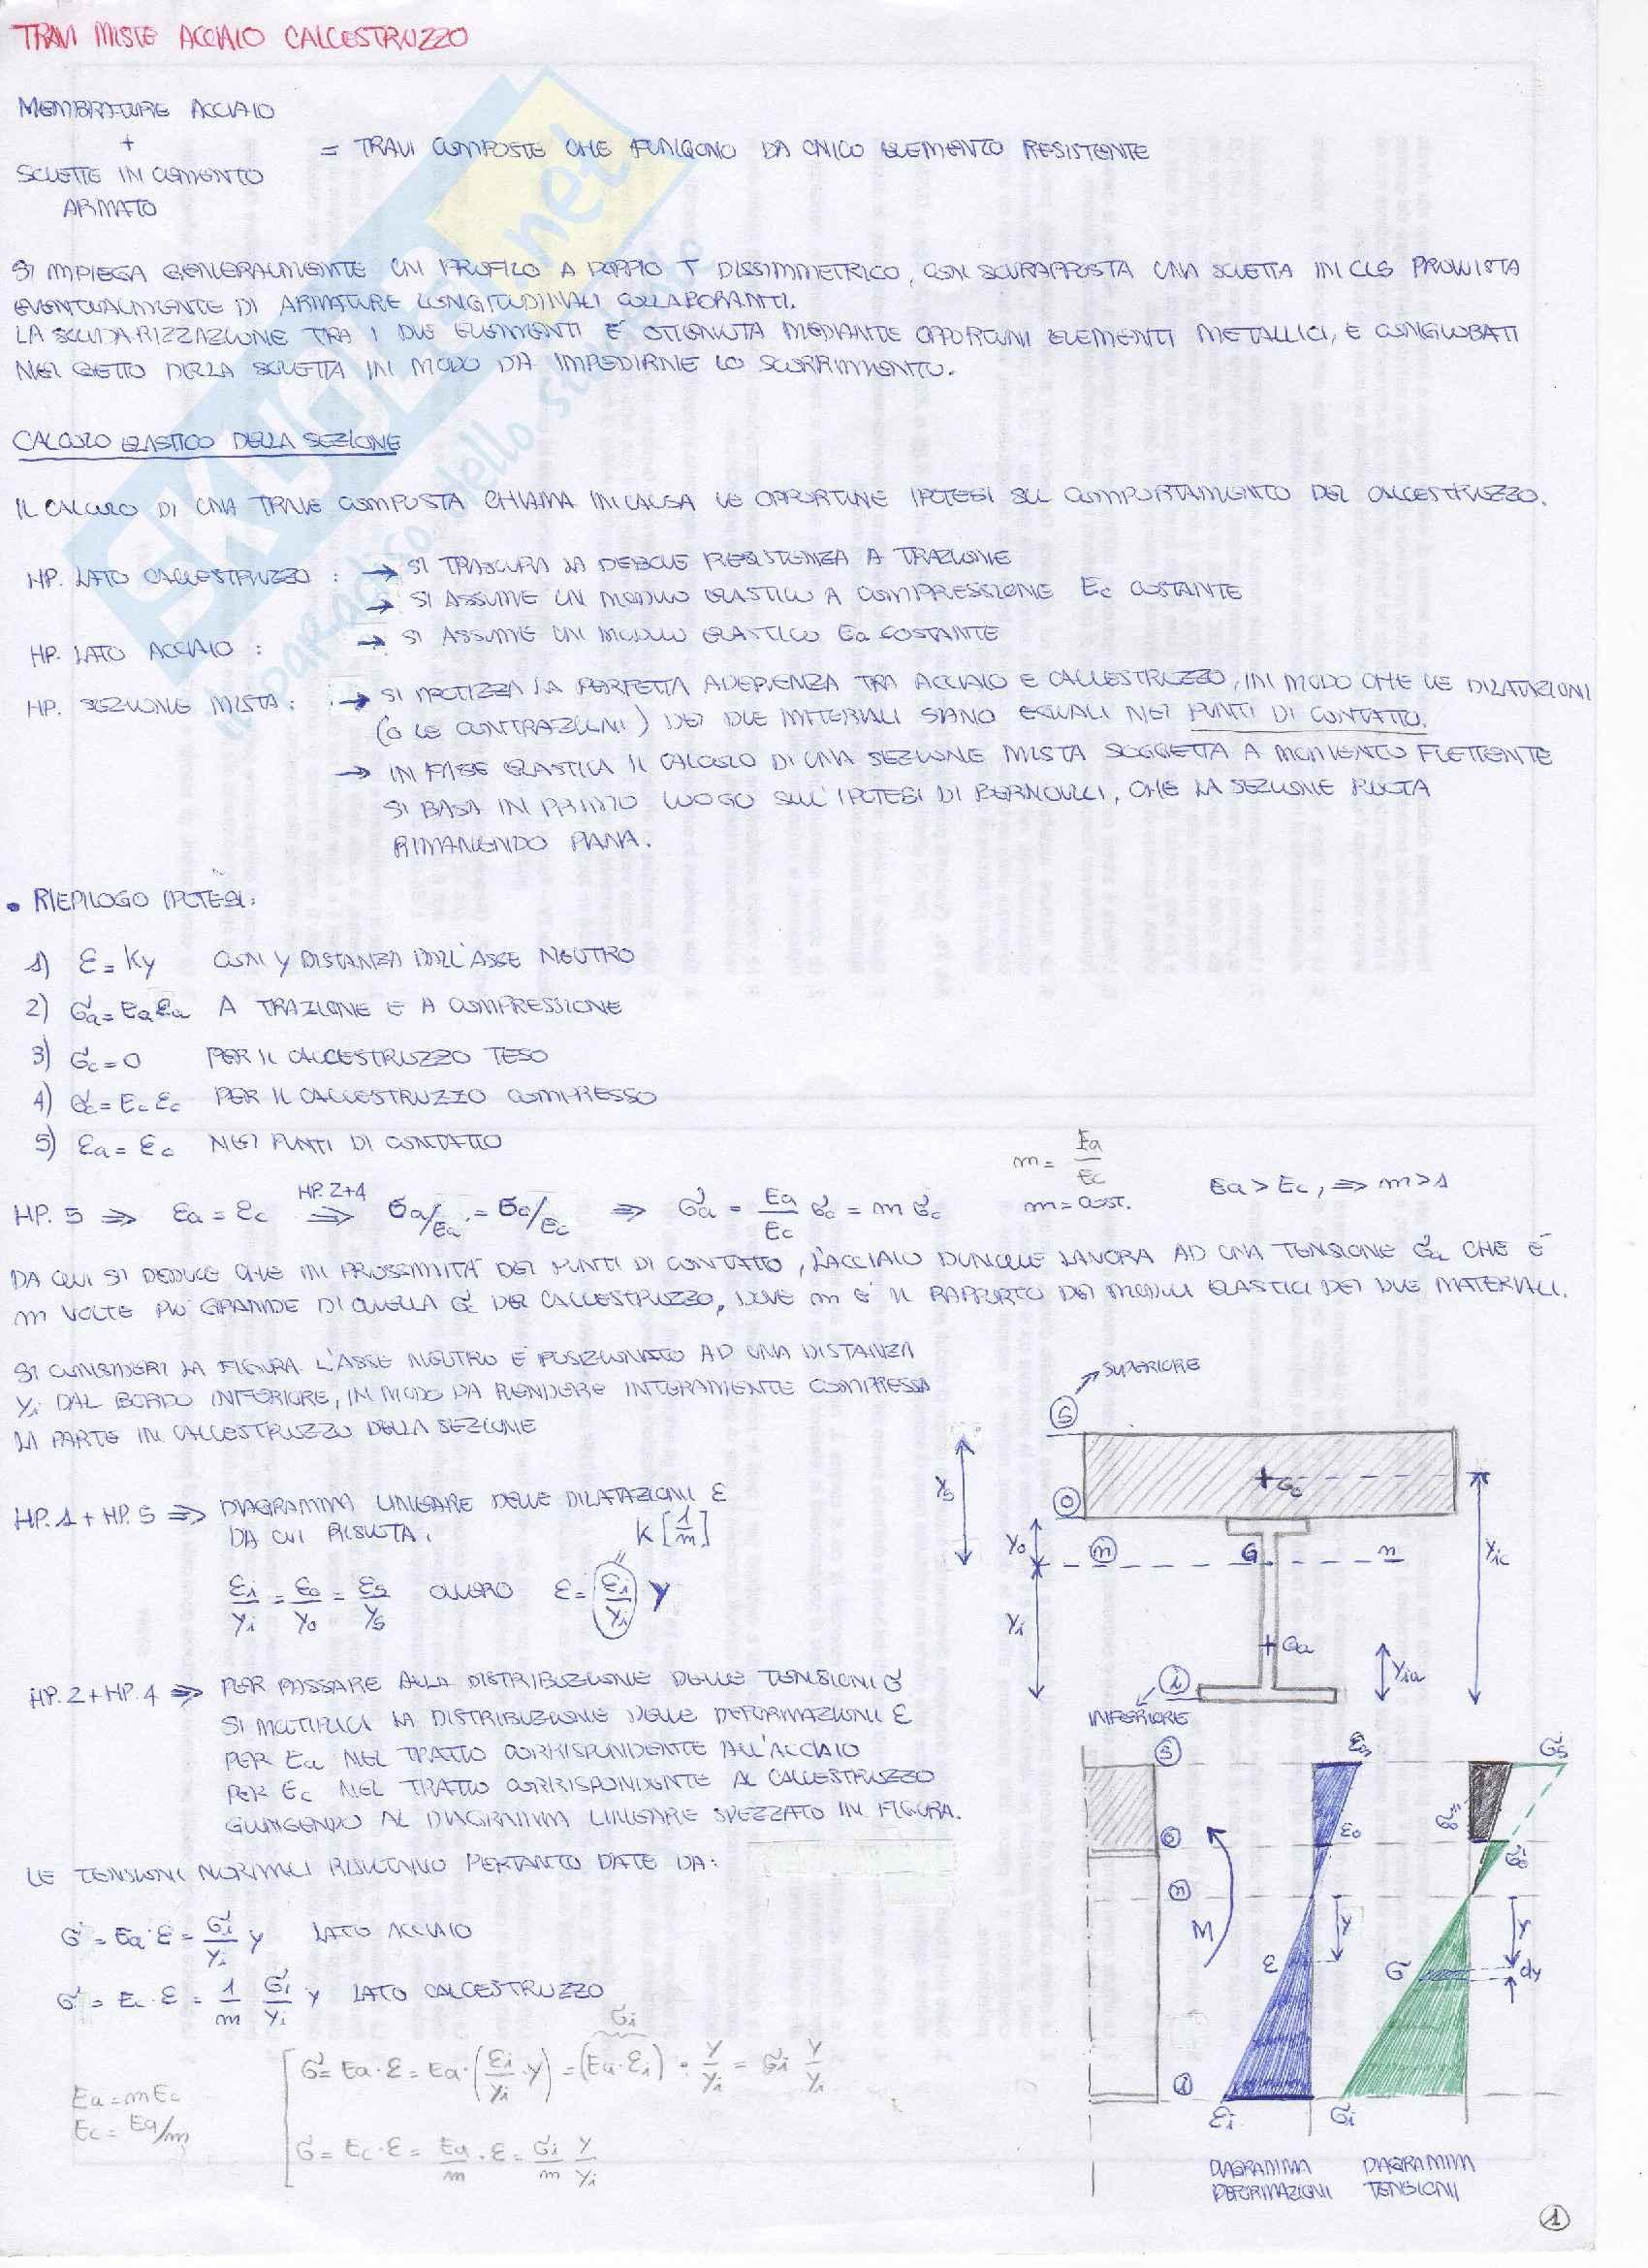 Tecnica delle costruzioni - Strutture miste Acciaio Calcestruzzo Pag. 1